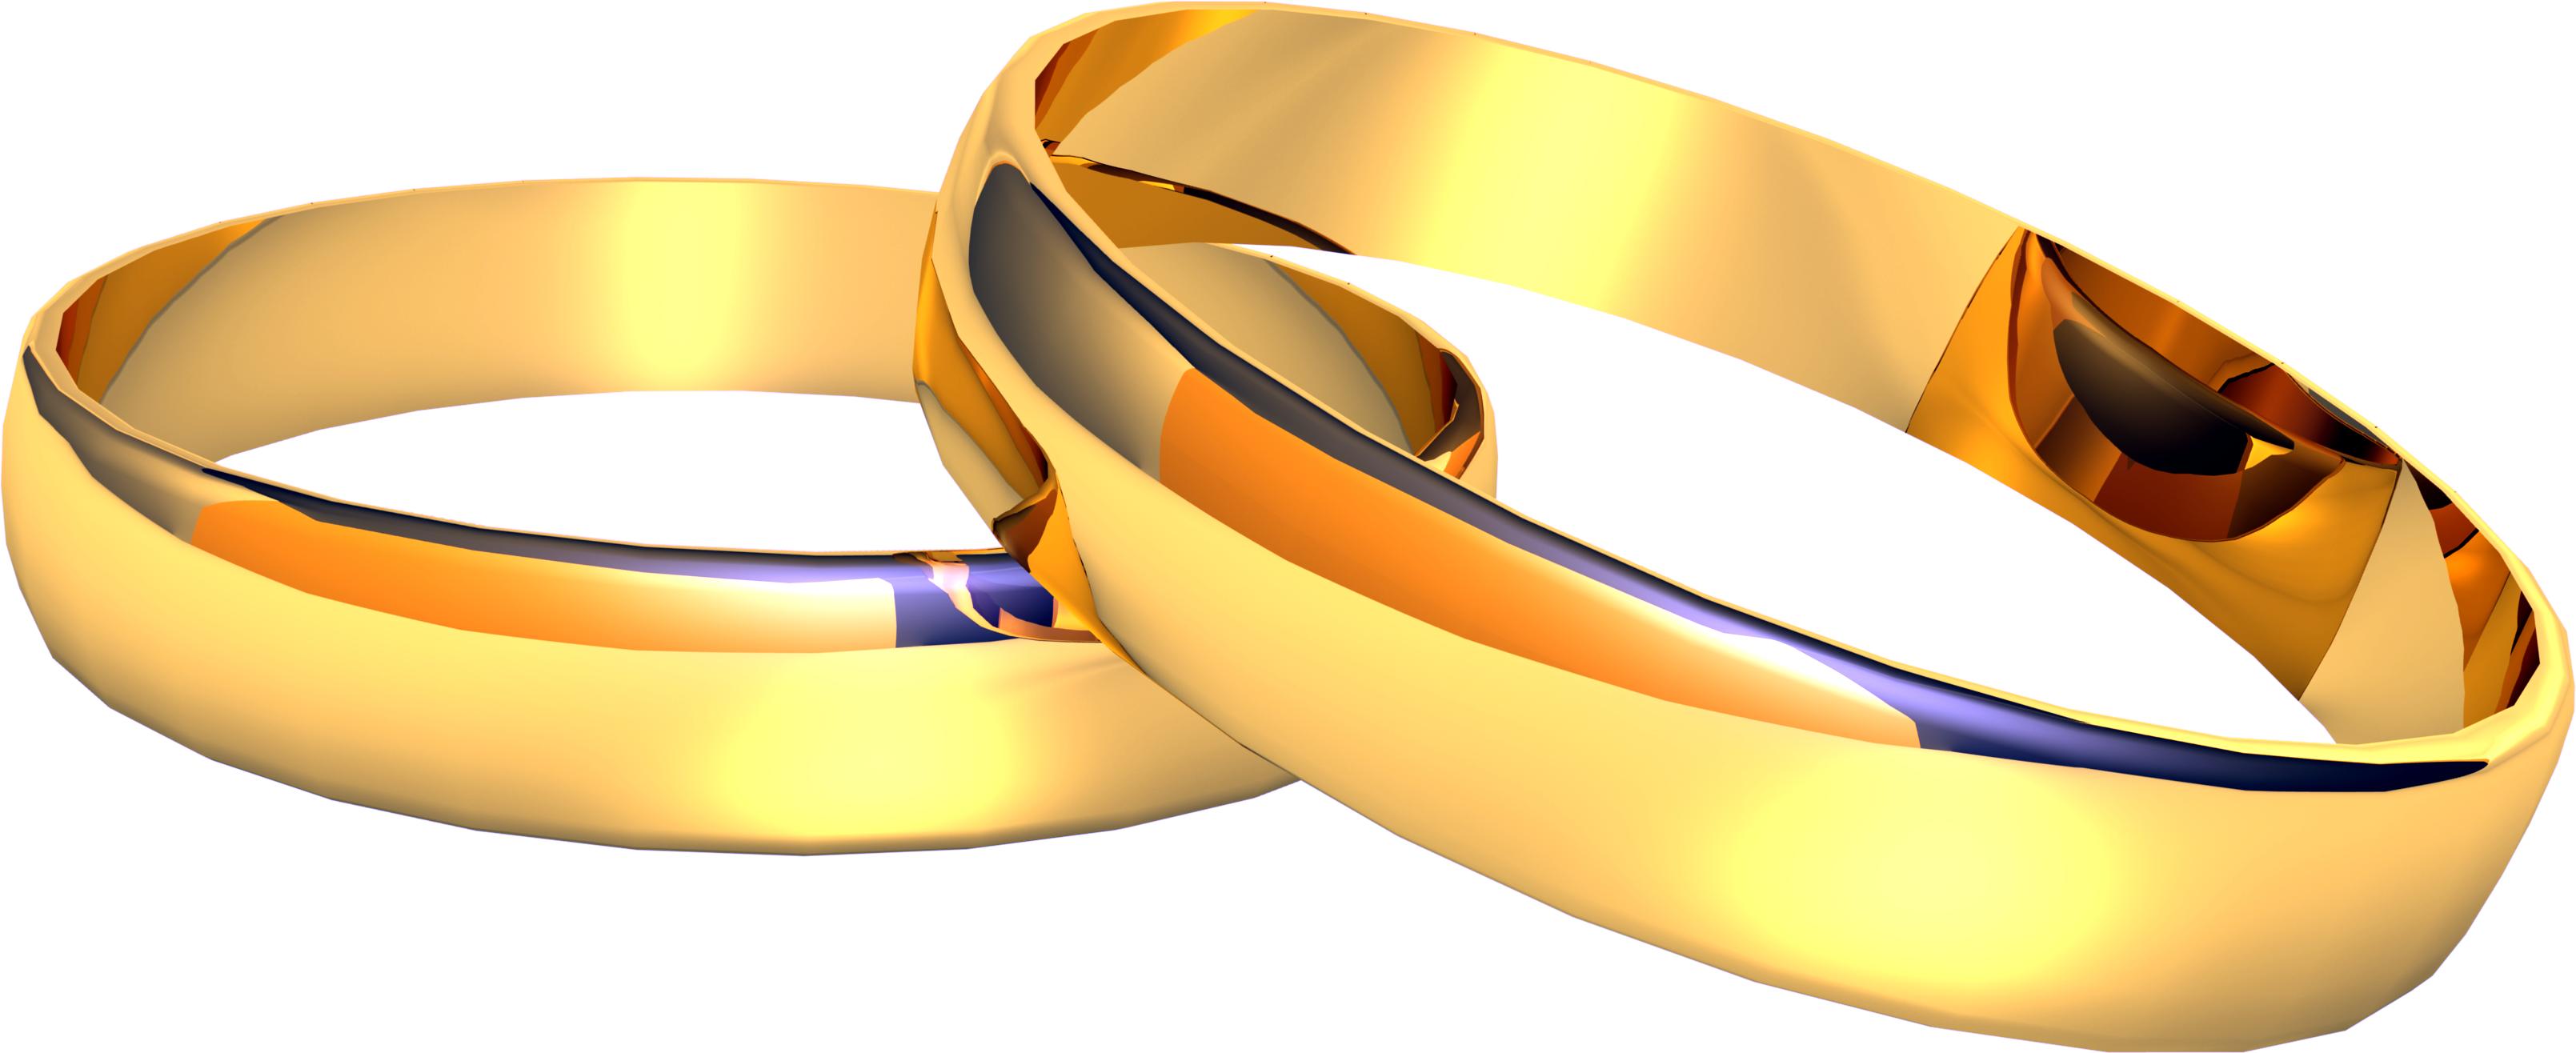 Wedding Png Image PNG Image - Wedding PNG